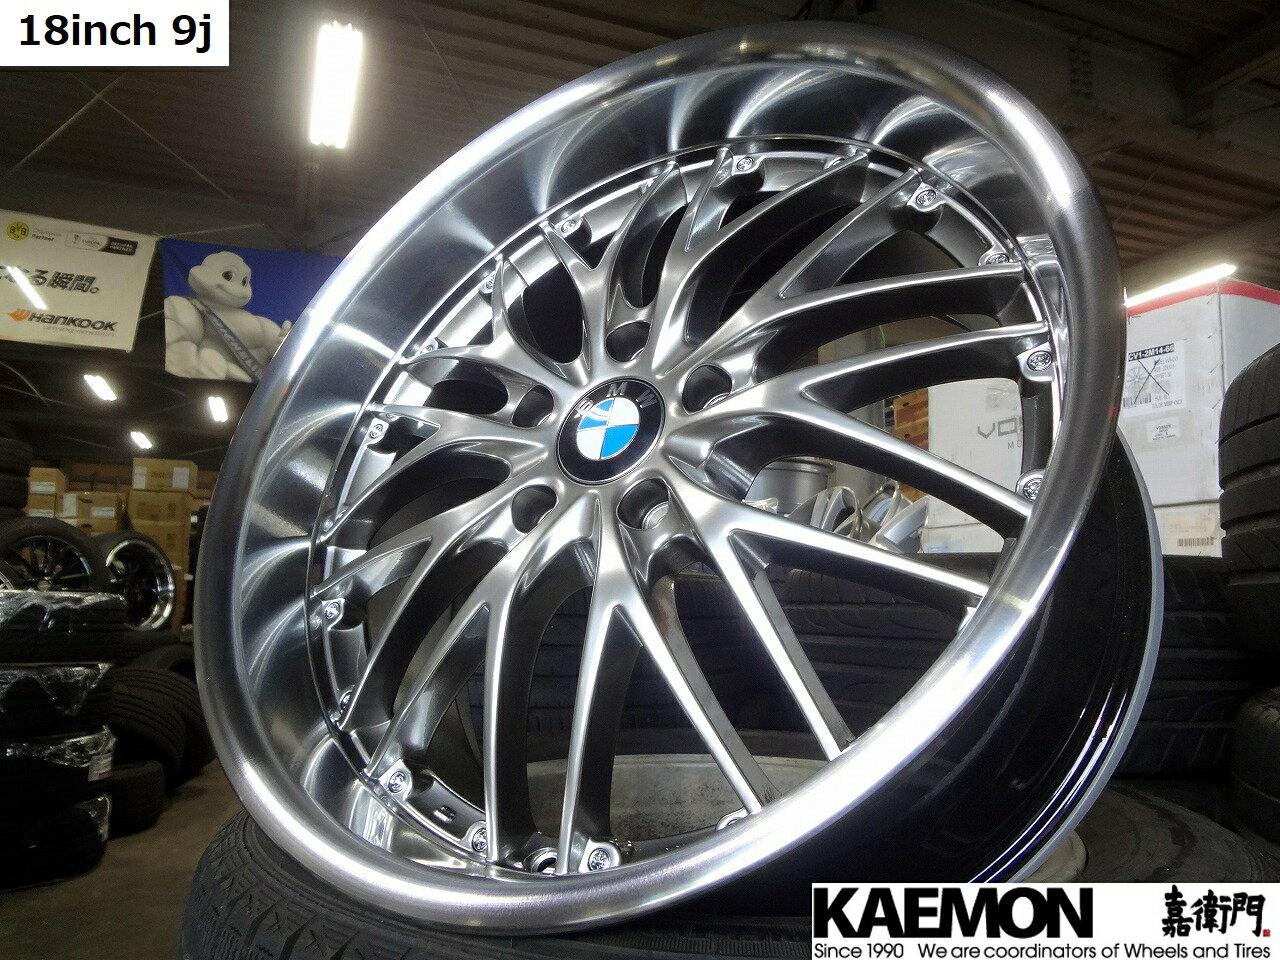 タイヤ・ホイール, サマータイヤ・ホイールセット 4SETK-Force Tief BMW 18 8j35 9j42 PCD1203E90 F304F32Z4E89